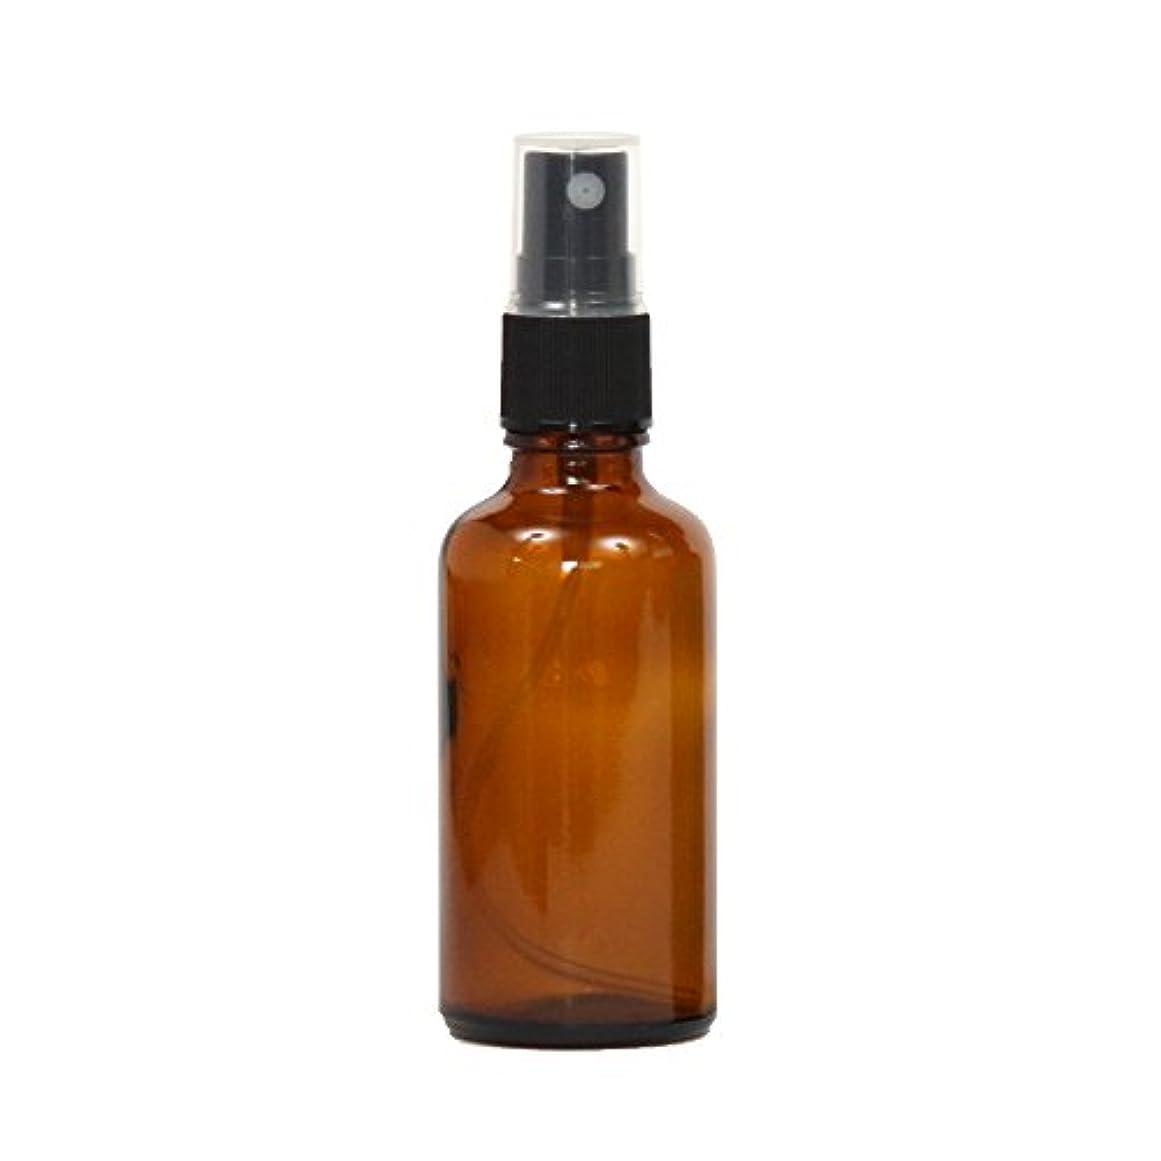 手配する本質的ではないアーチスプレーボトル ガラス瓶 50mL 遮光性ブラウン(アンバー) おしゃれアトマイザー ミスト空容器br50g